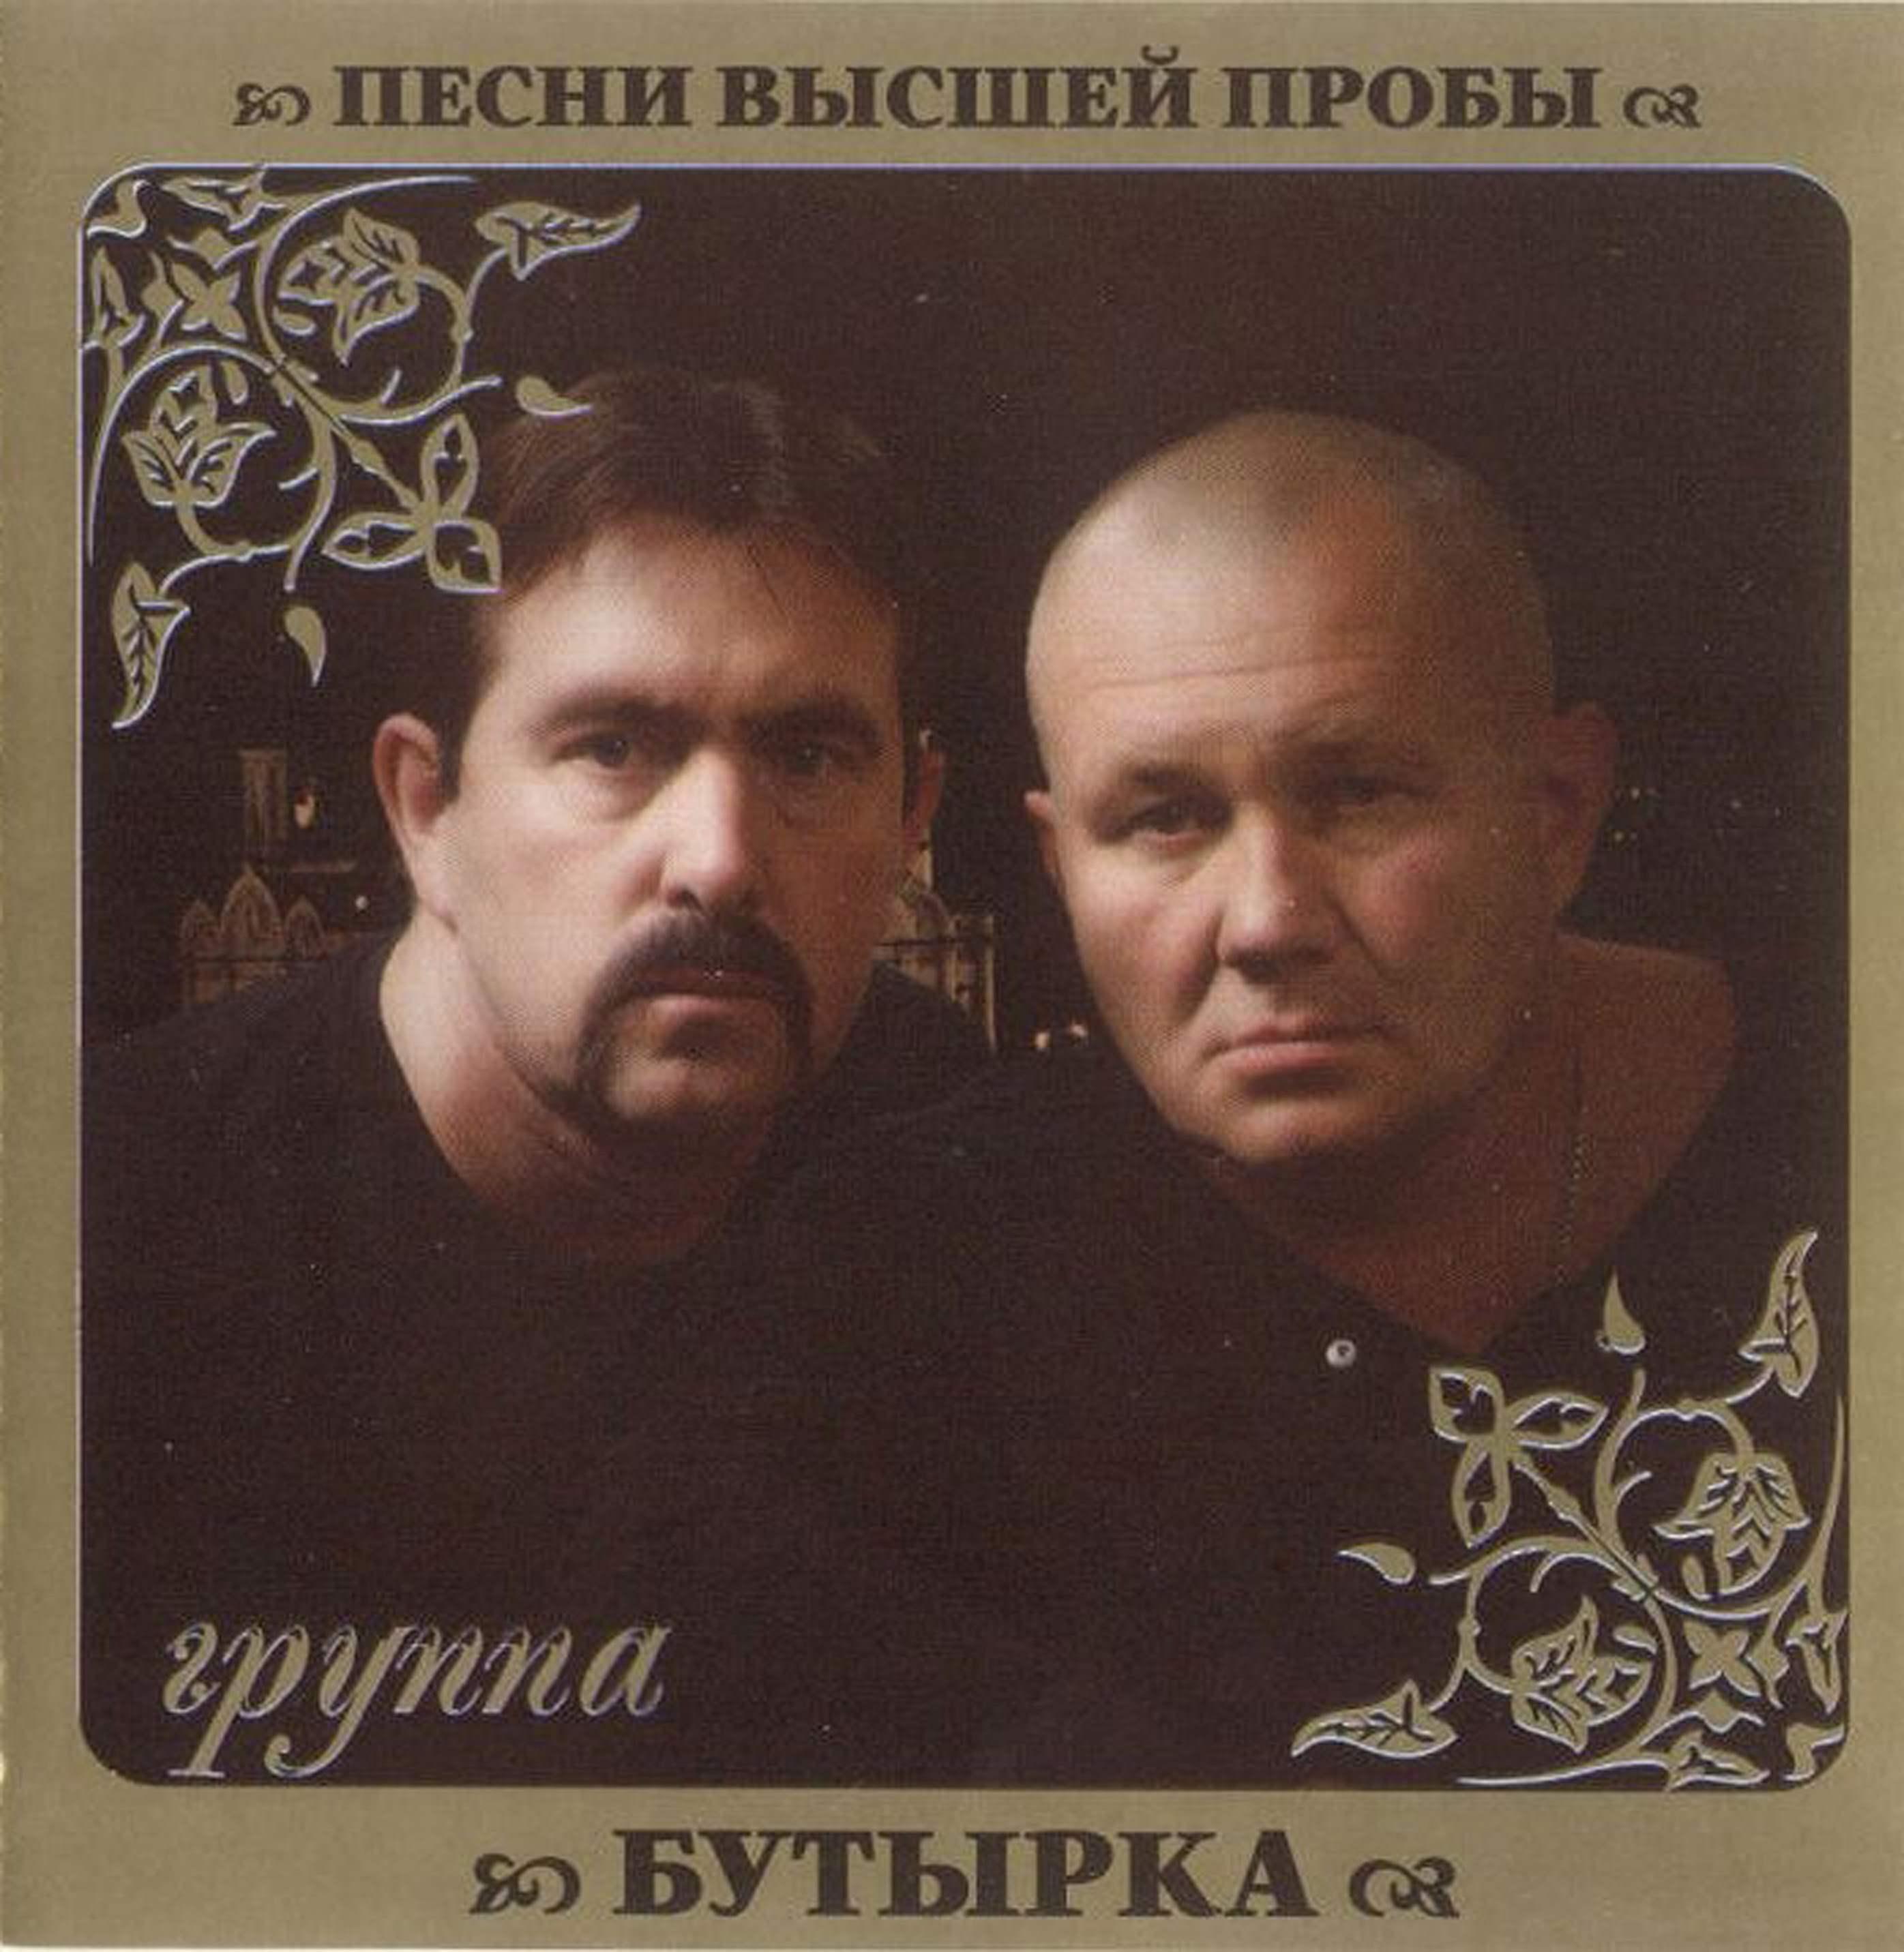 бутырка клип икона: